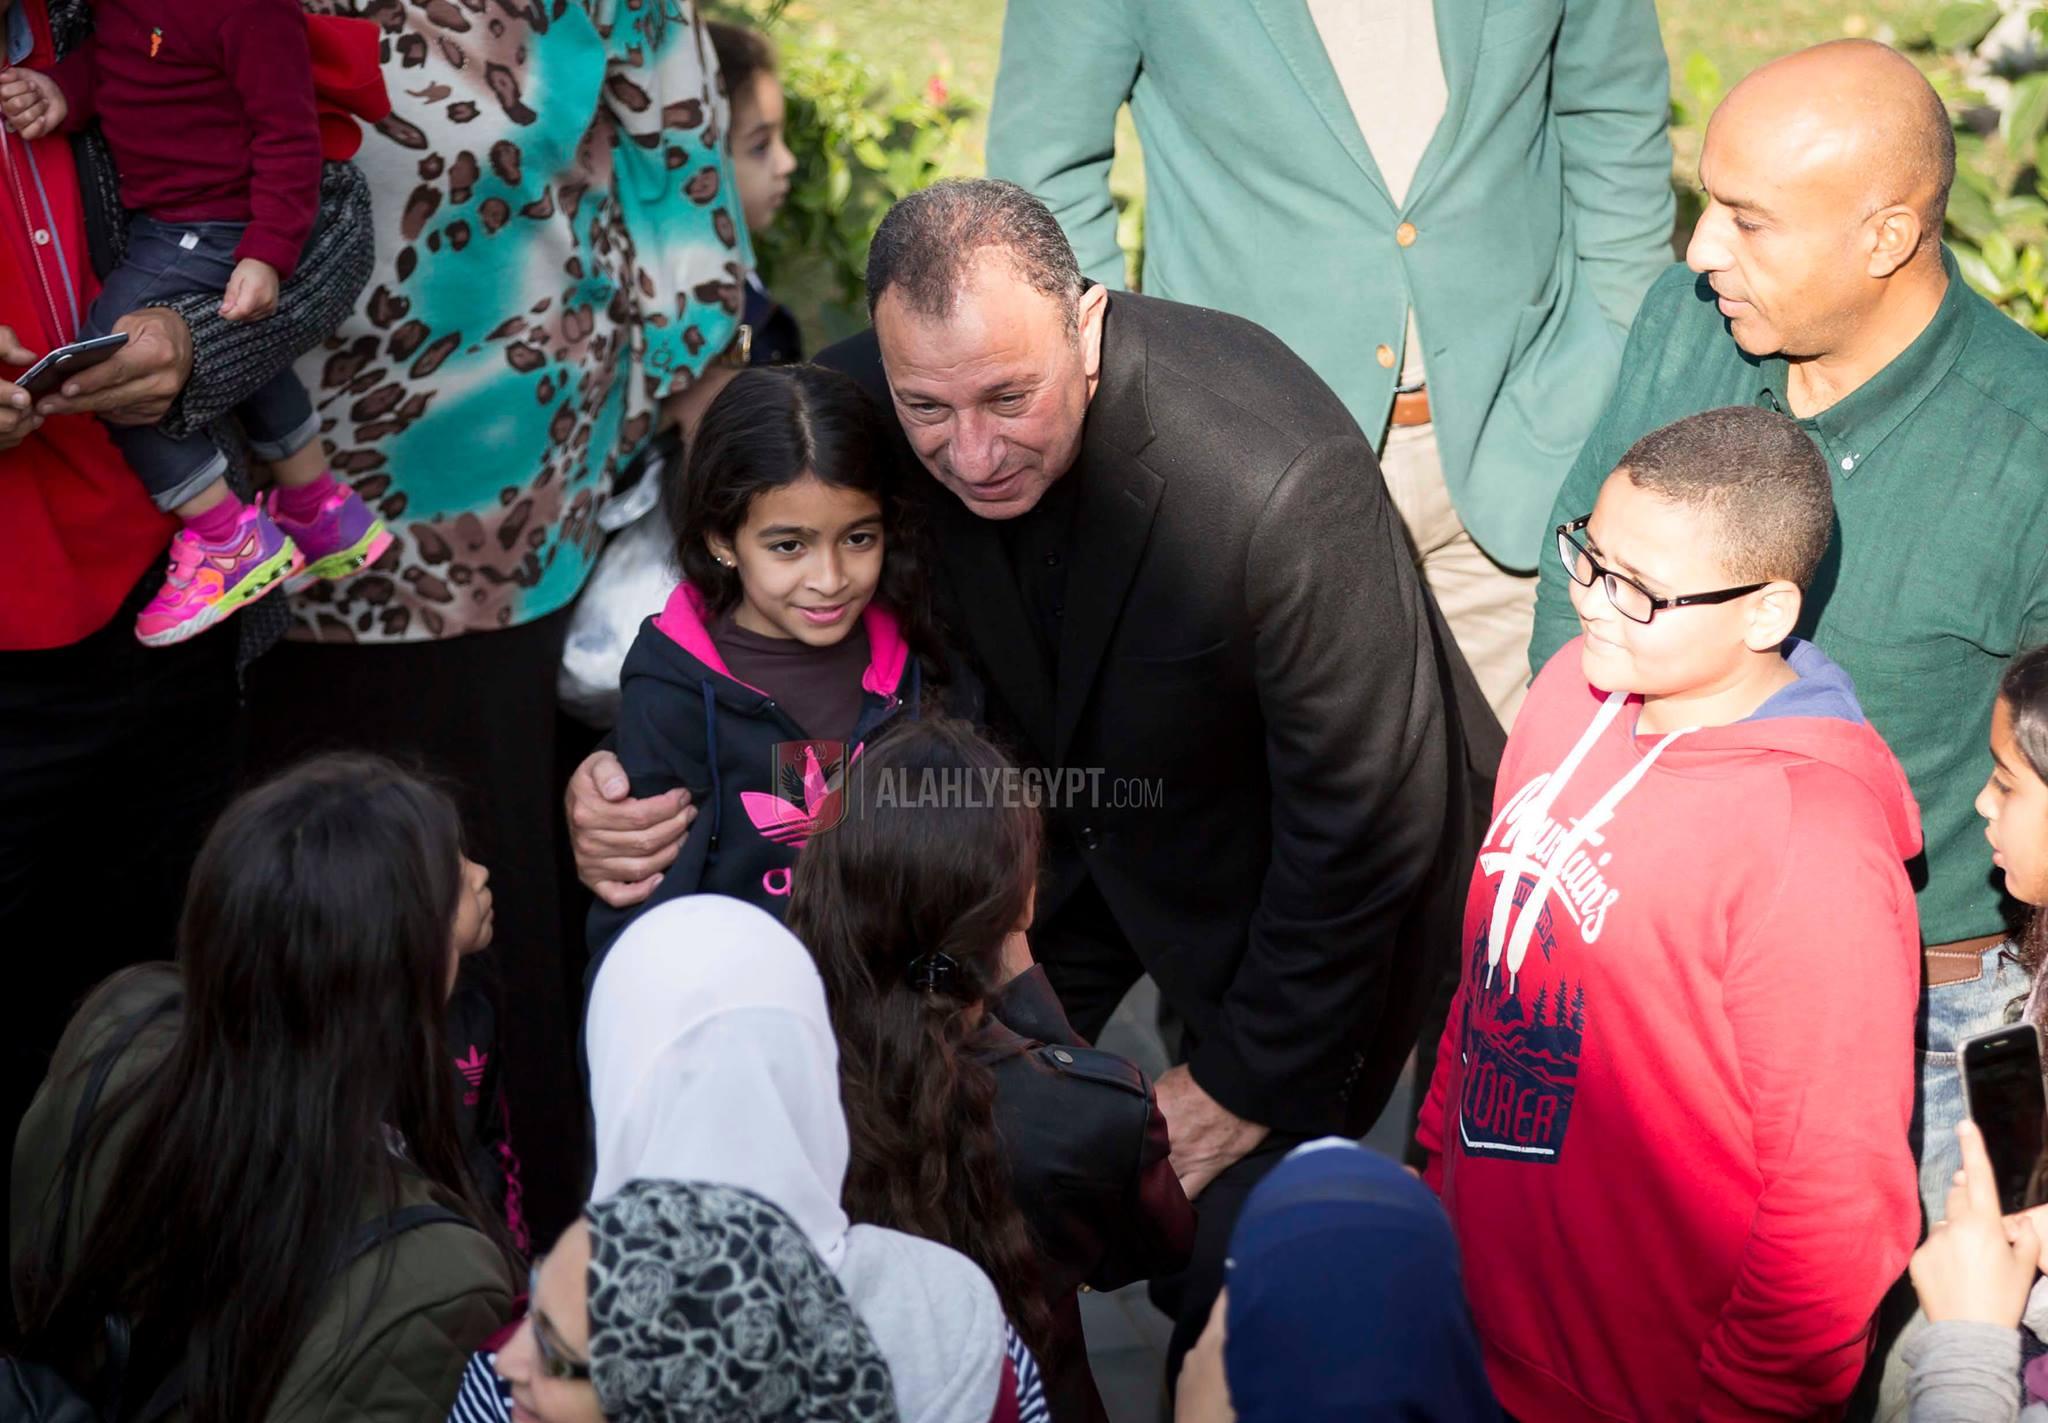 الاعضاء يلتقطون صور مع محمود الخطيب رئيس النادي